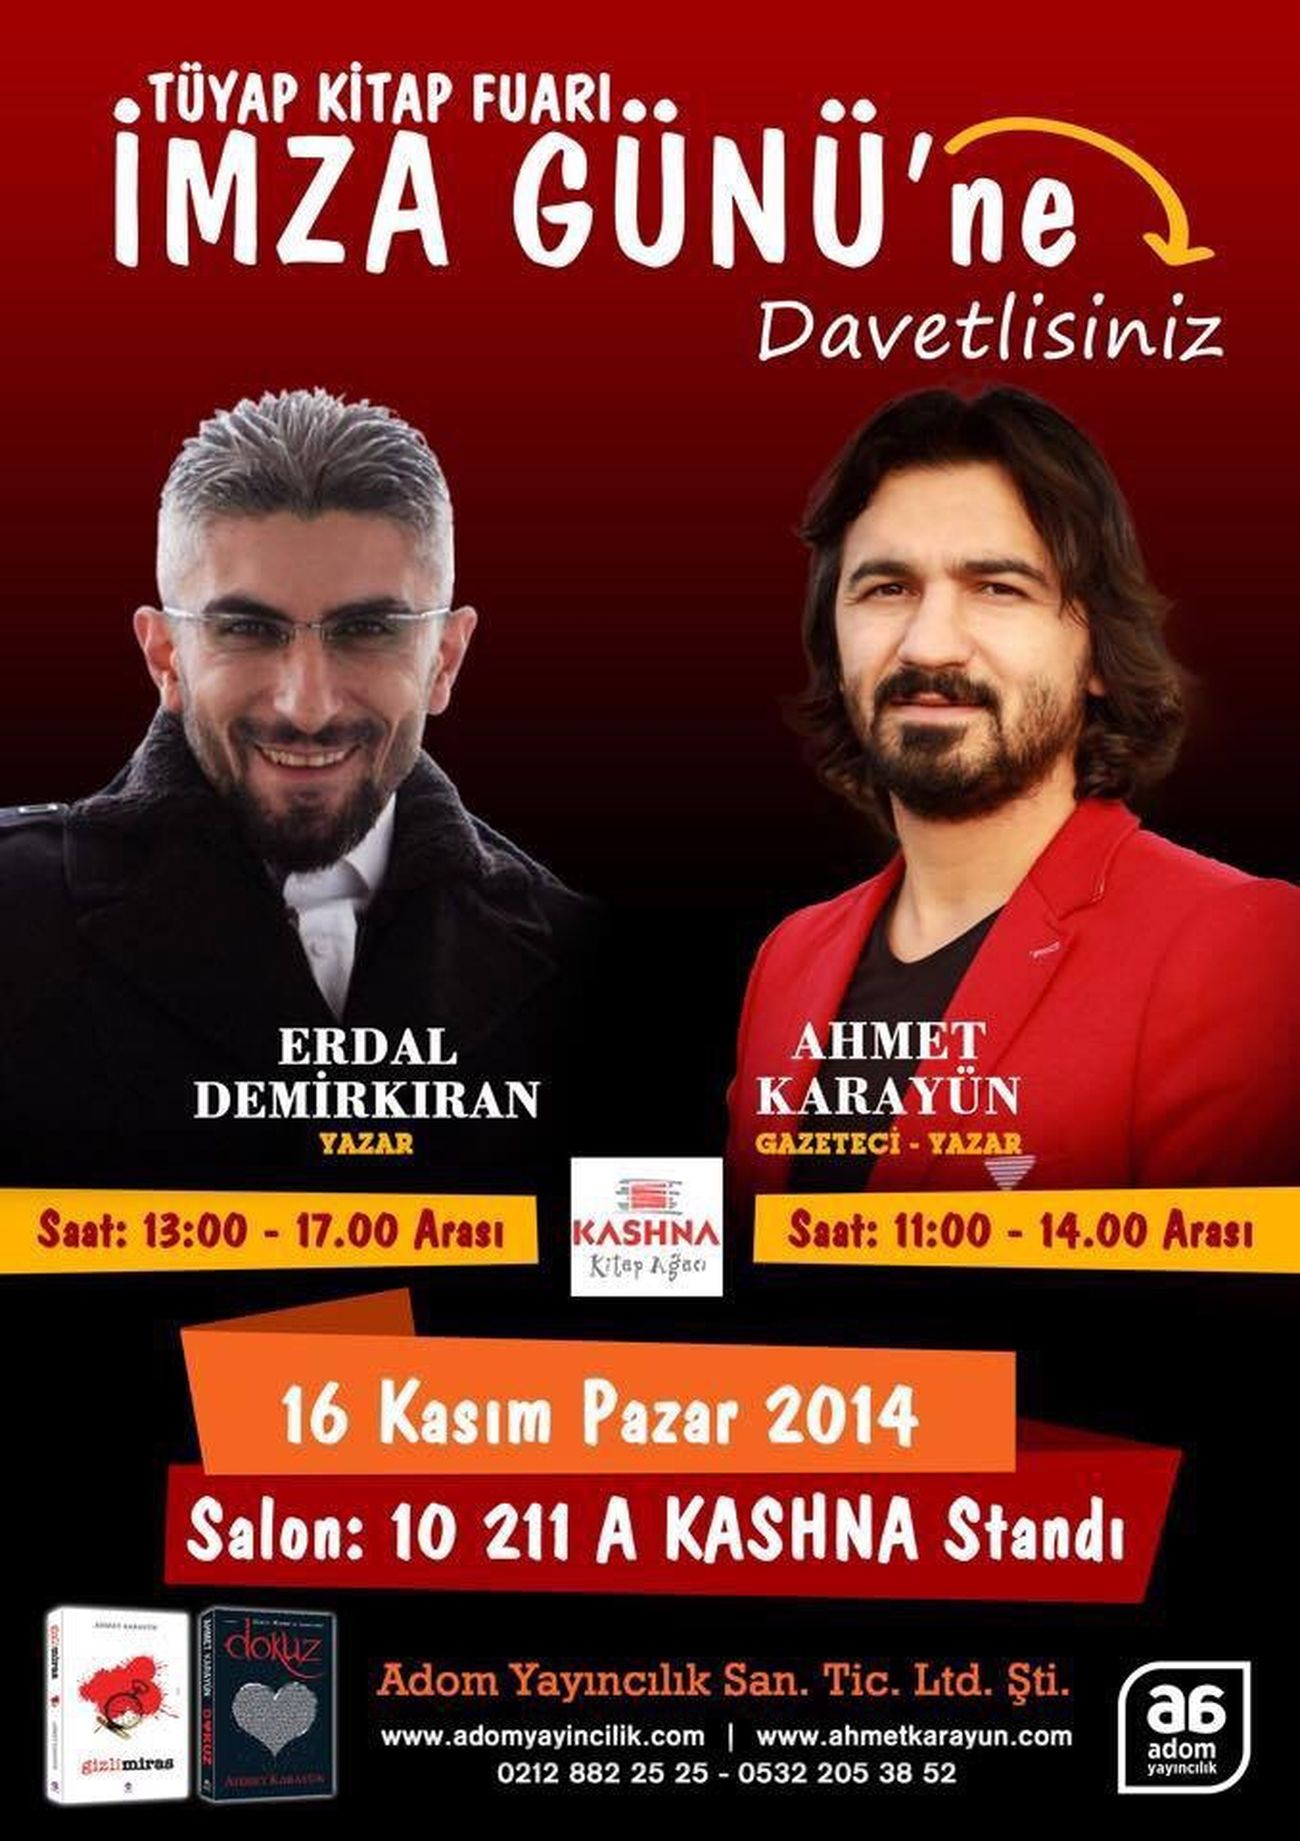 İMZA: 16 Kasım 2014 Pazar günü, Tüyap Kitap Fuarı 10-211 A Kashna Standında 11:00-14:00 saatleri arasında imza günümüze davetlisiniz.